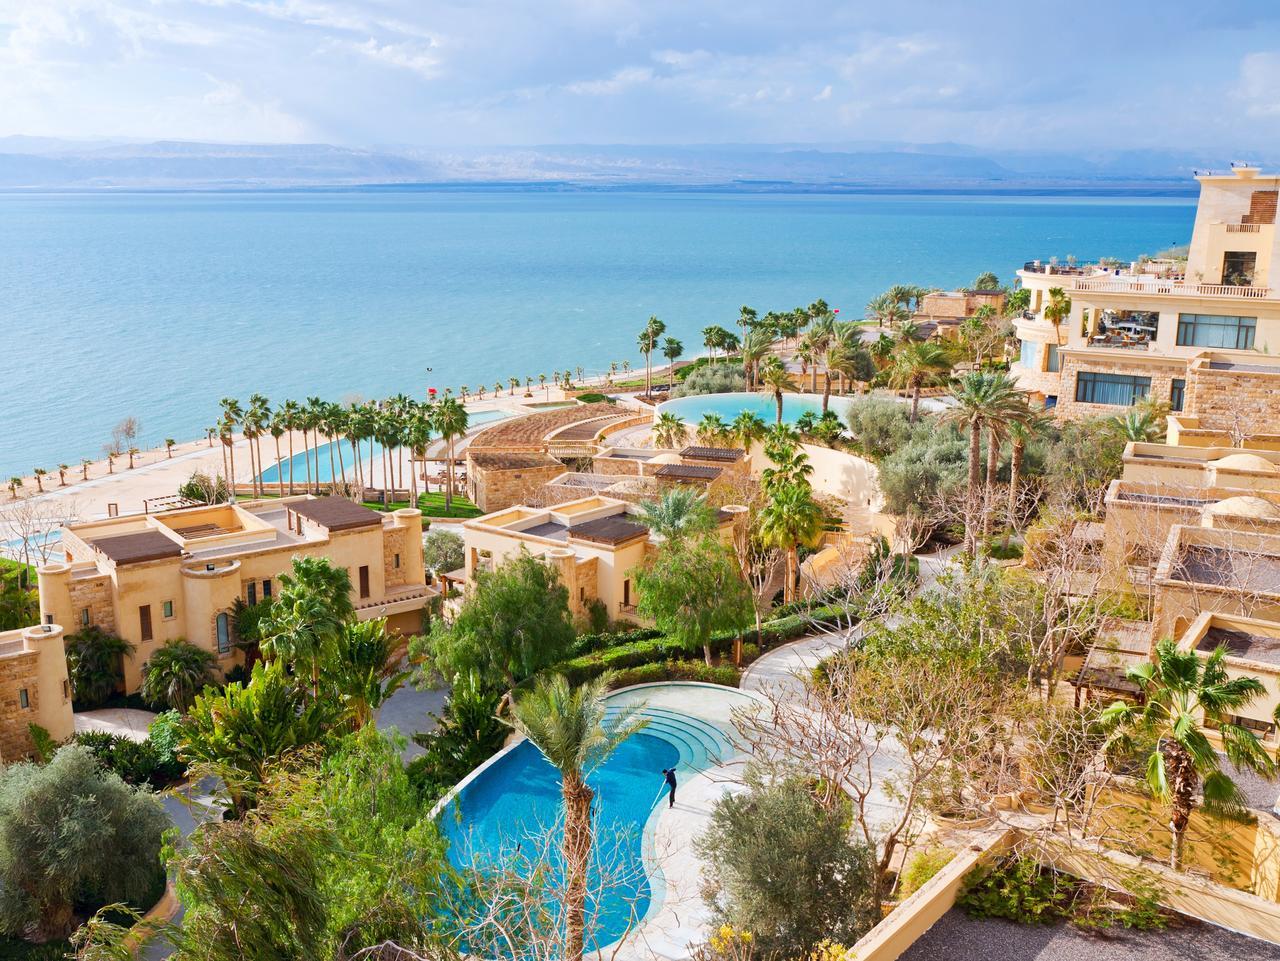 Лучшие пляжные курорты в Иордании